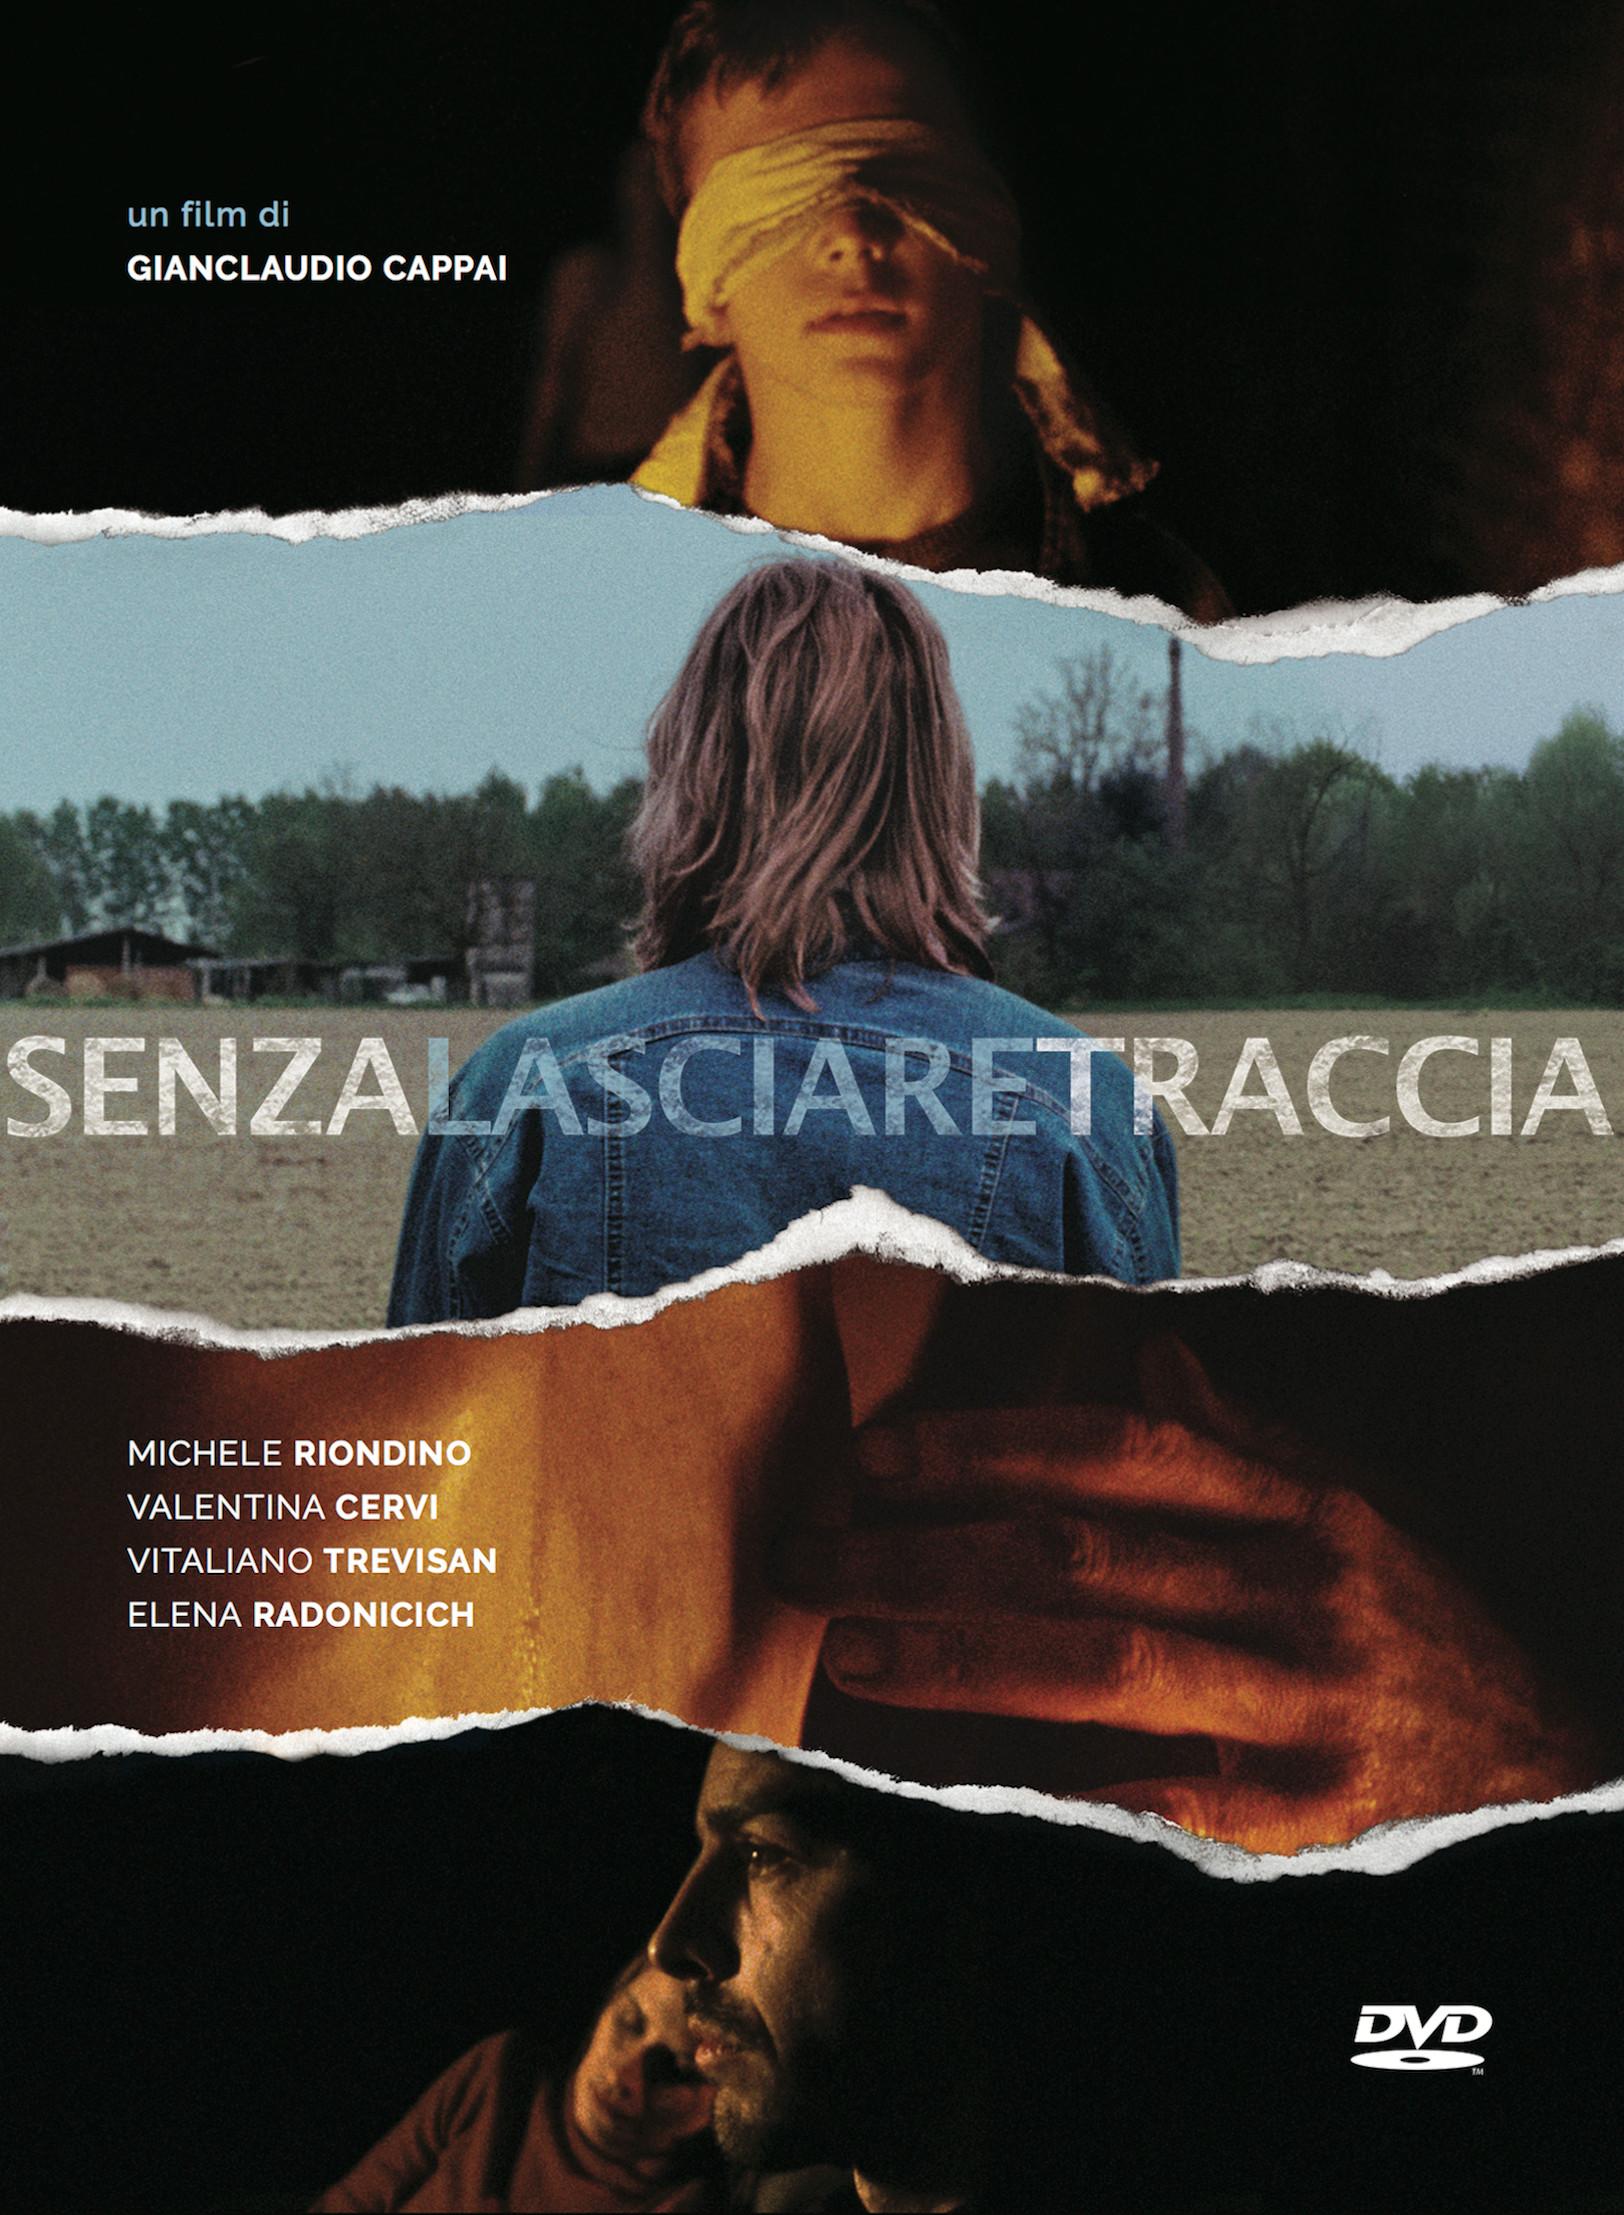 SENZA LASCIARE TRACCIA (DVD)